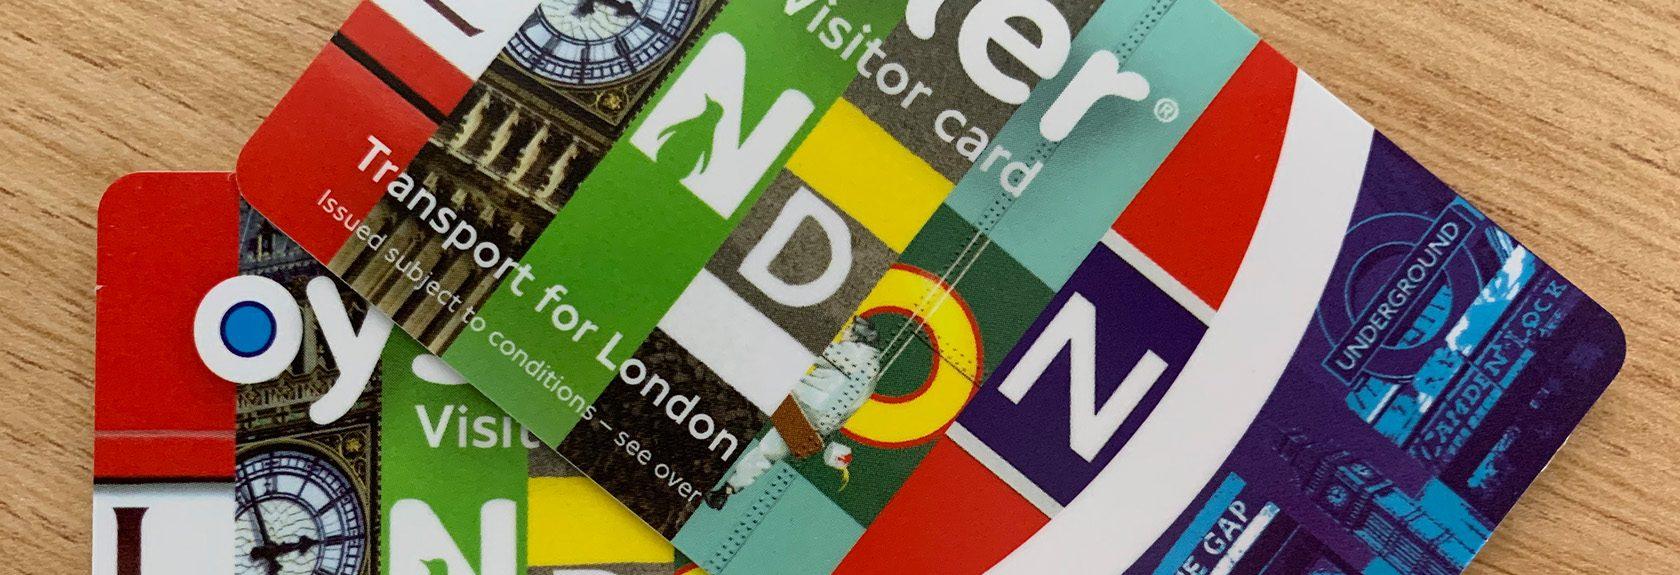 De Oyster Card – de OV chipkaart van Londen